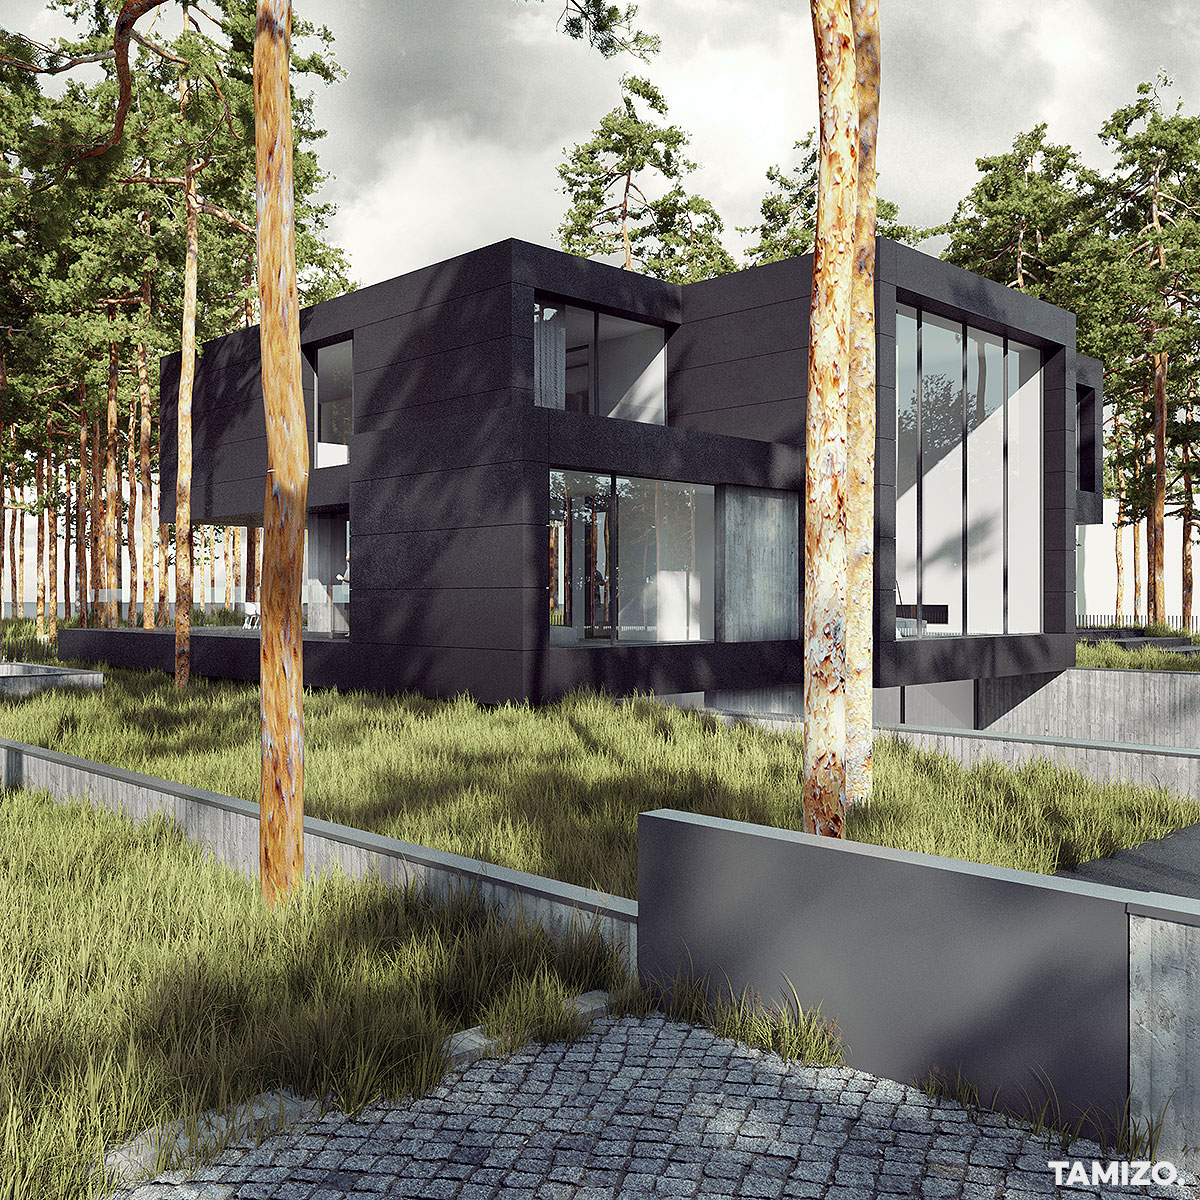 A062_tamizo_architcts_dune_house_projekt_dom_na_wydmie_rezydencja_baltyk_wybrzeze_05